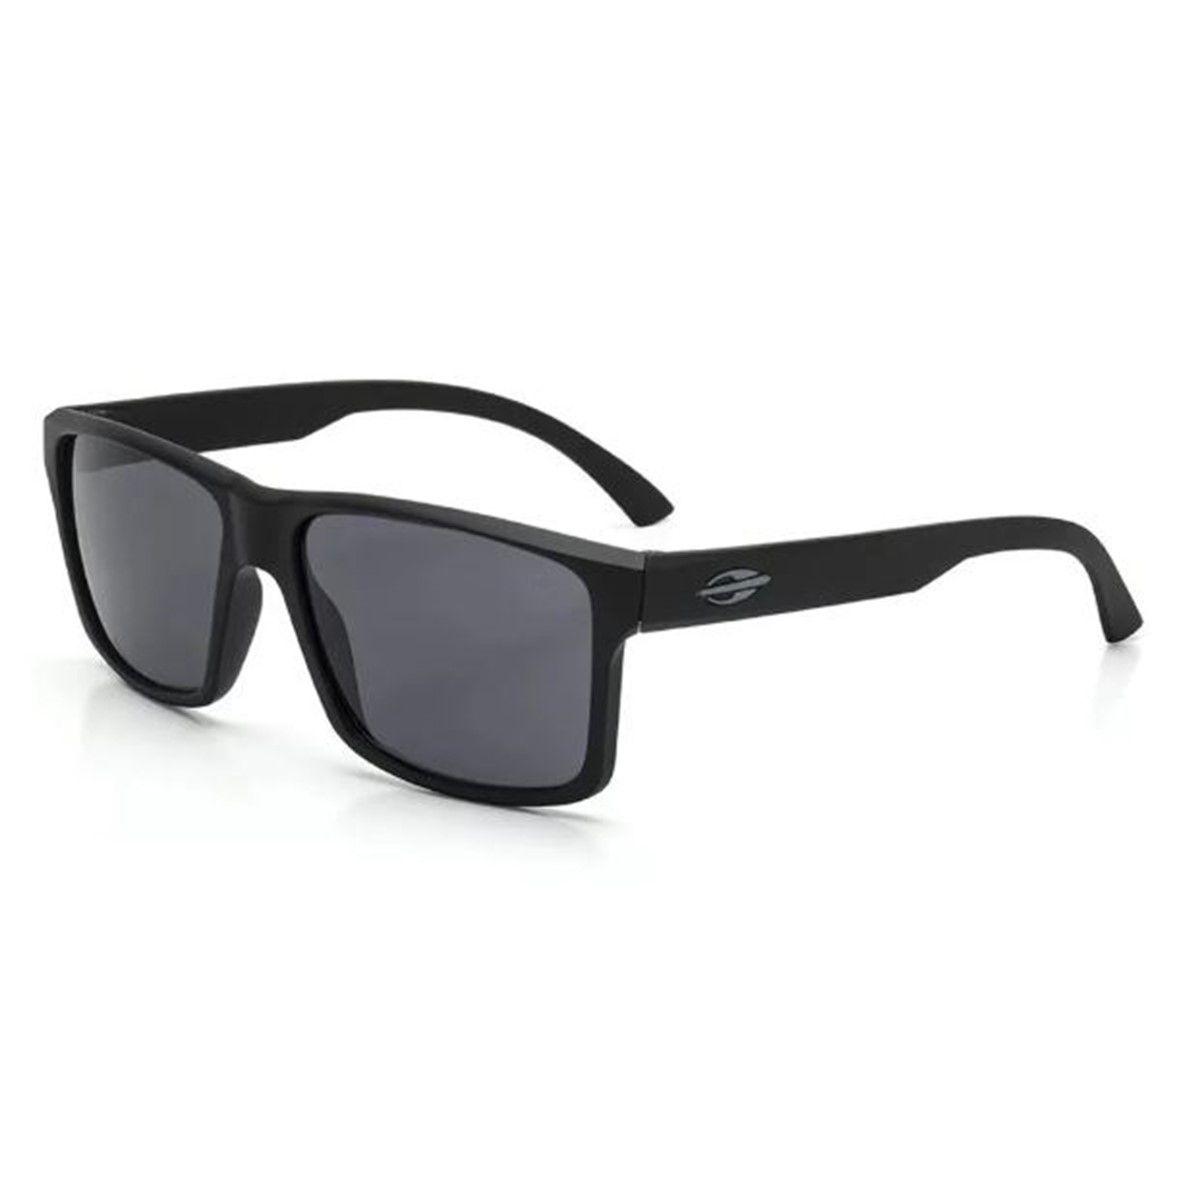 Óculos de Sol Mormaii Lagos Black